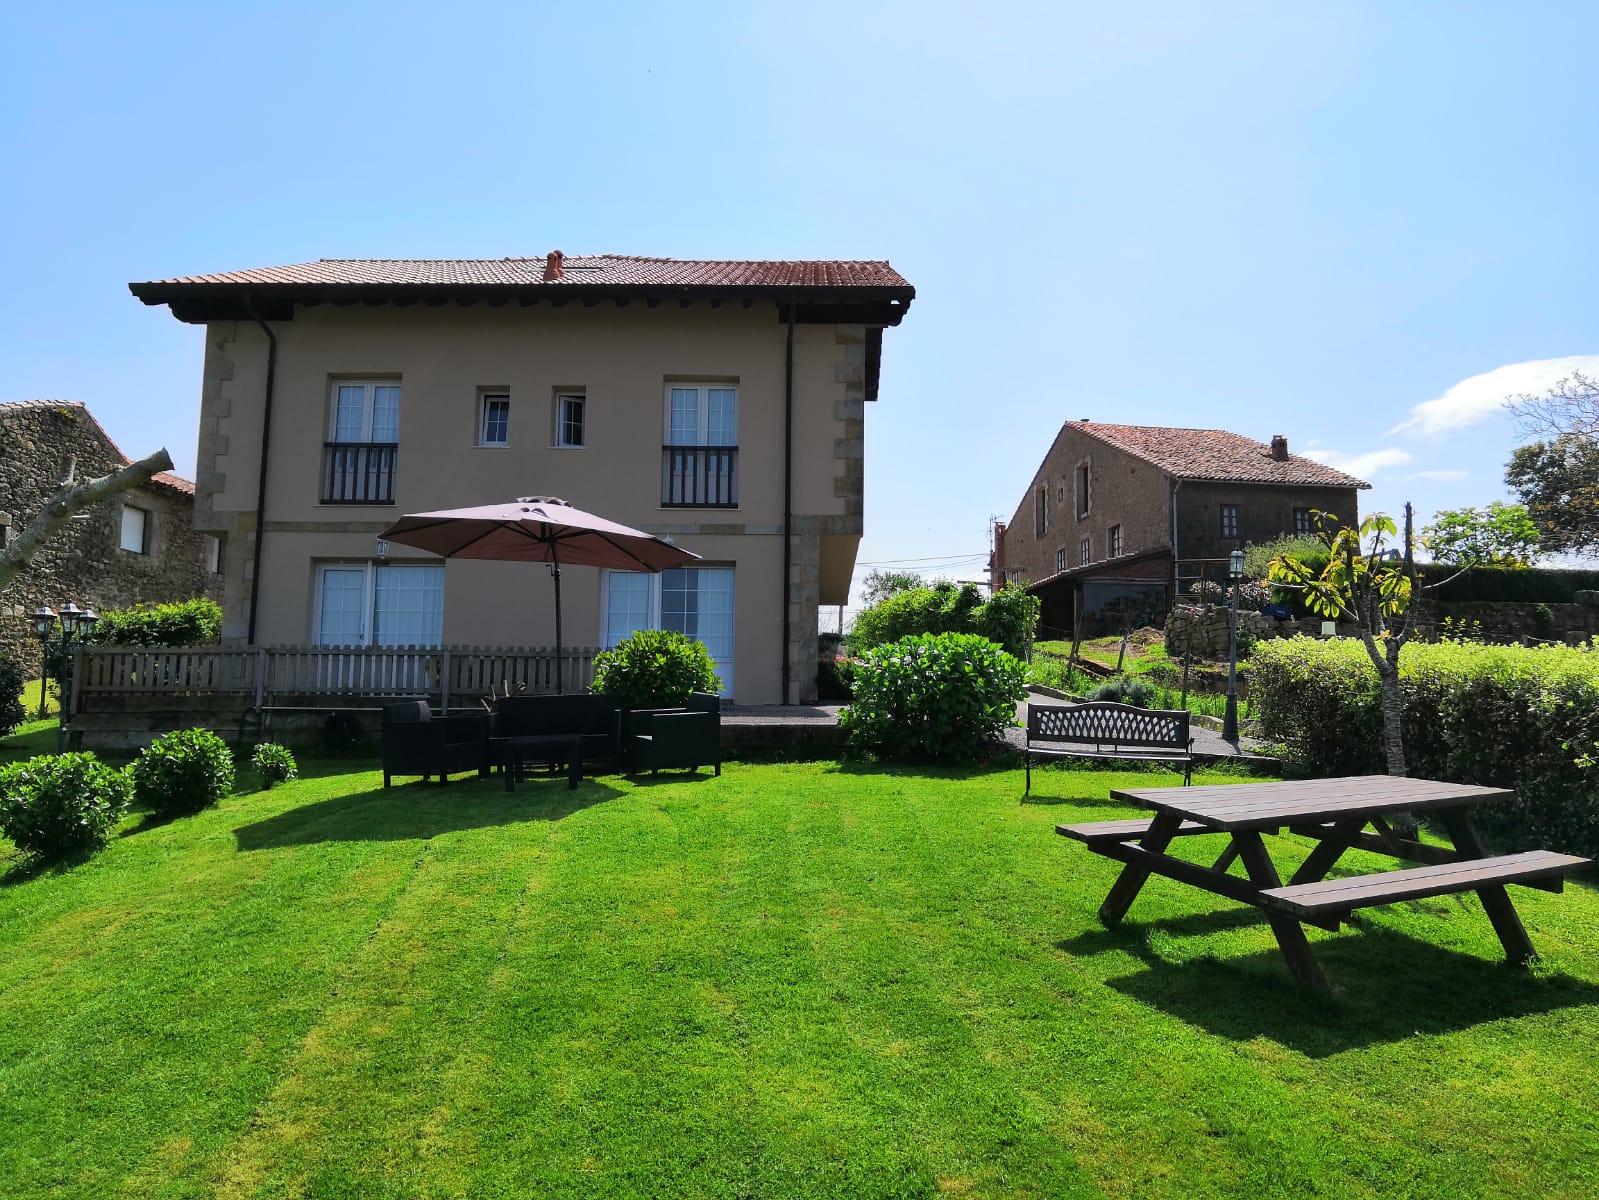 Apartamentos turísticos en Comillas, Cantabria